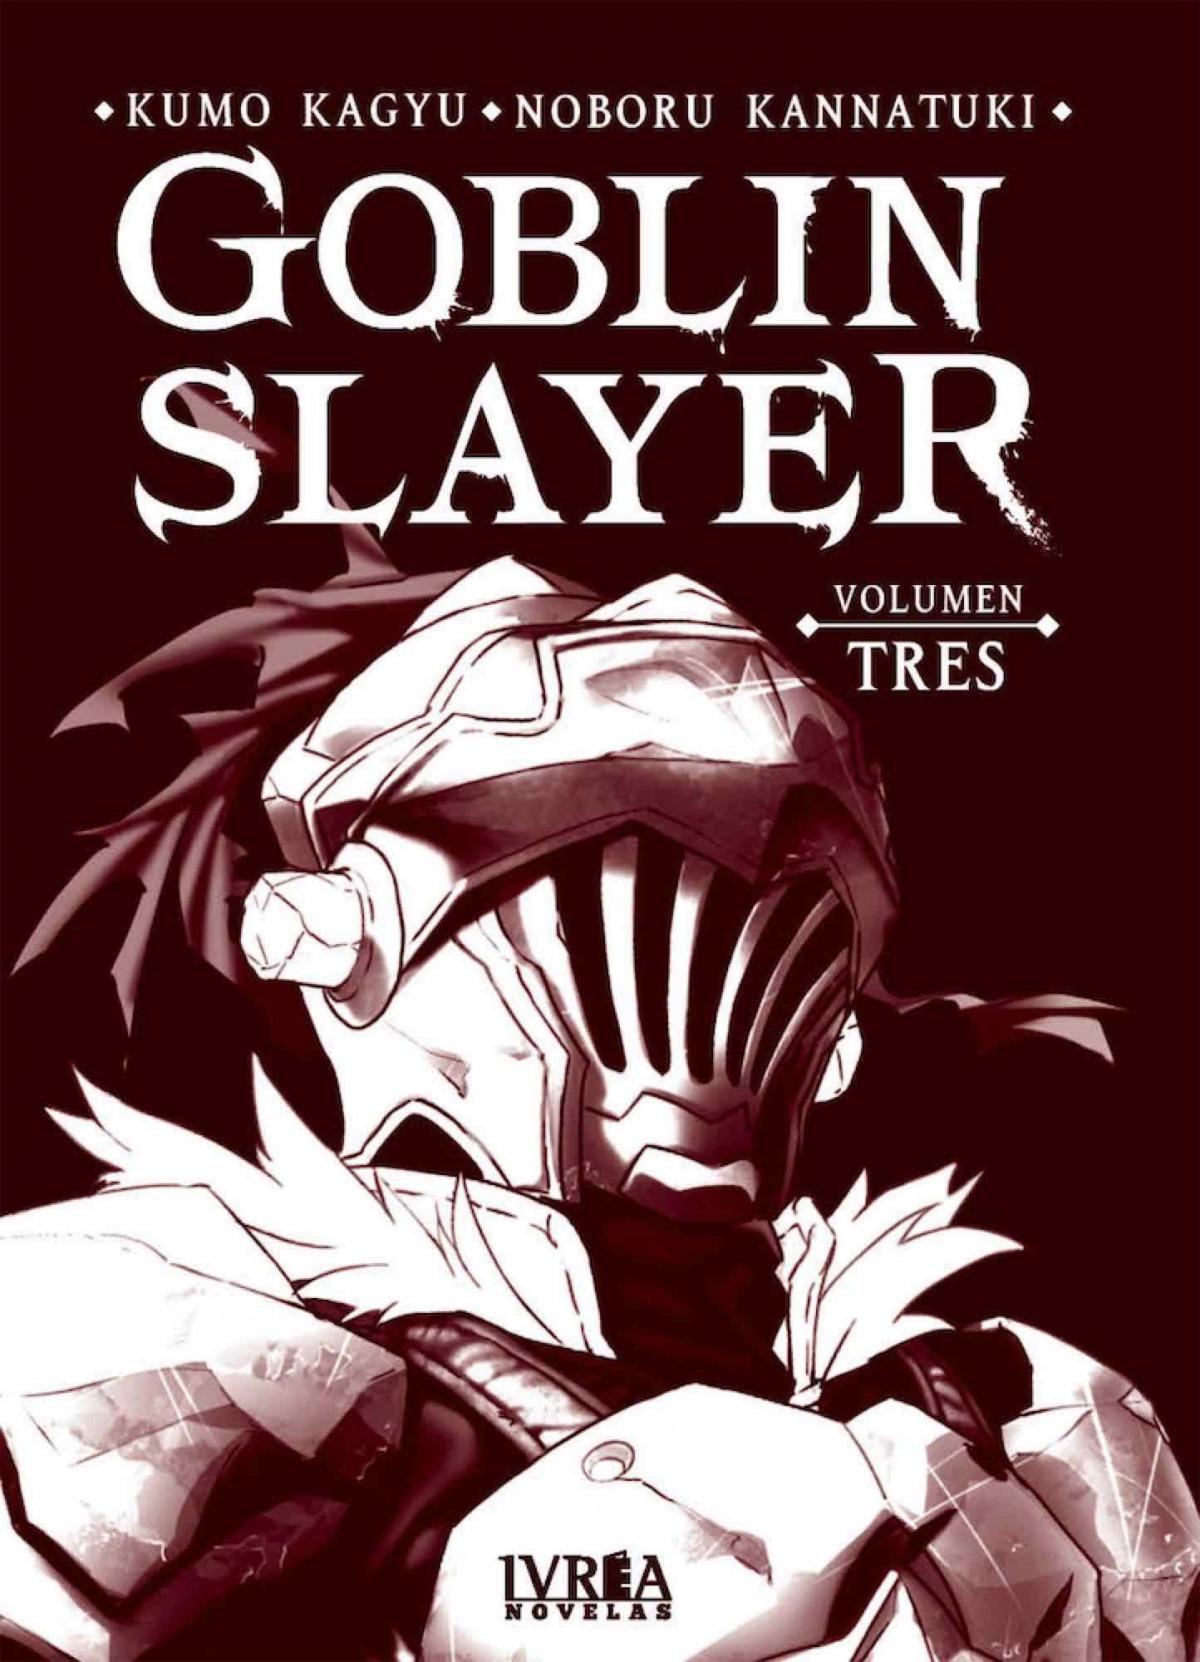 GOBLIN SLAYER 03 (NOVELA)